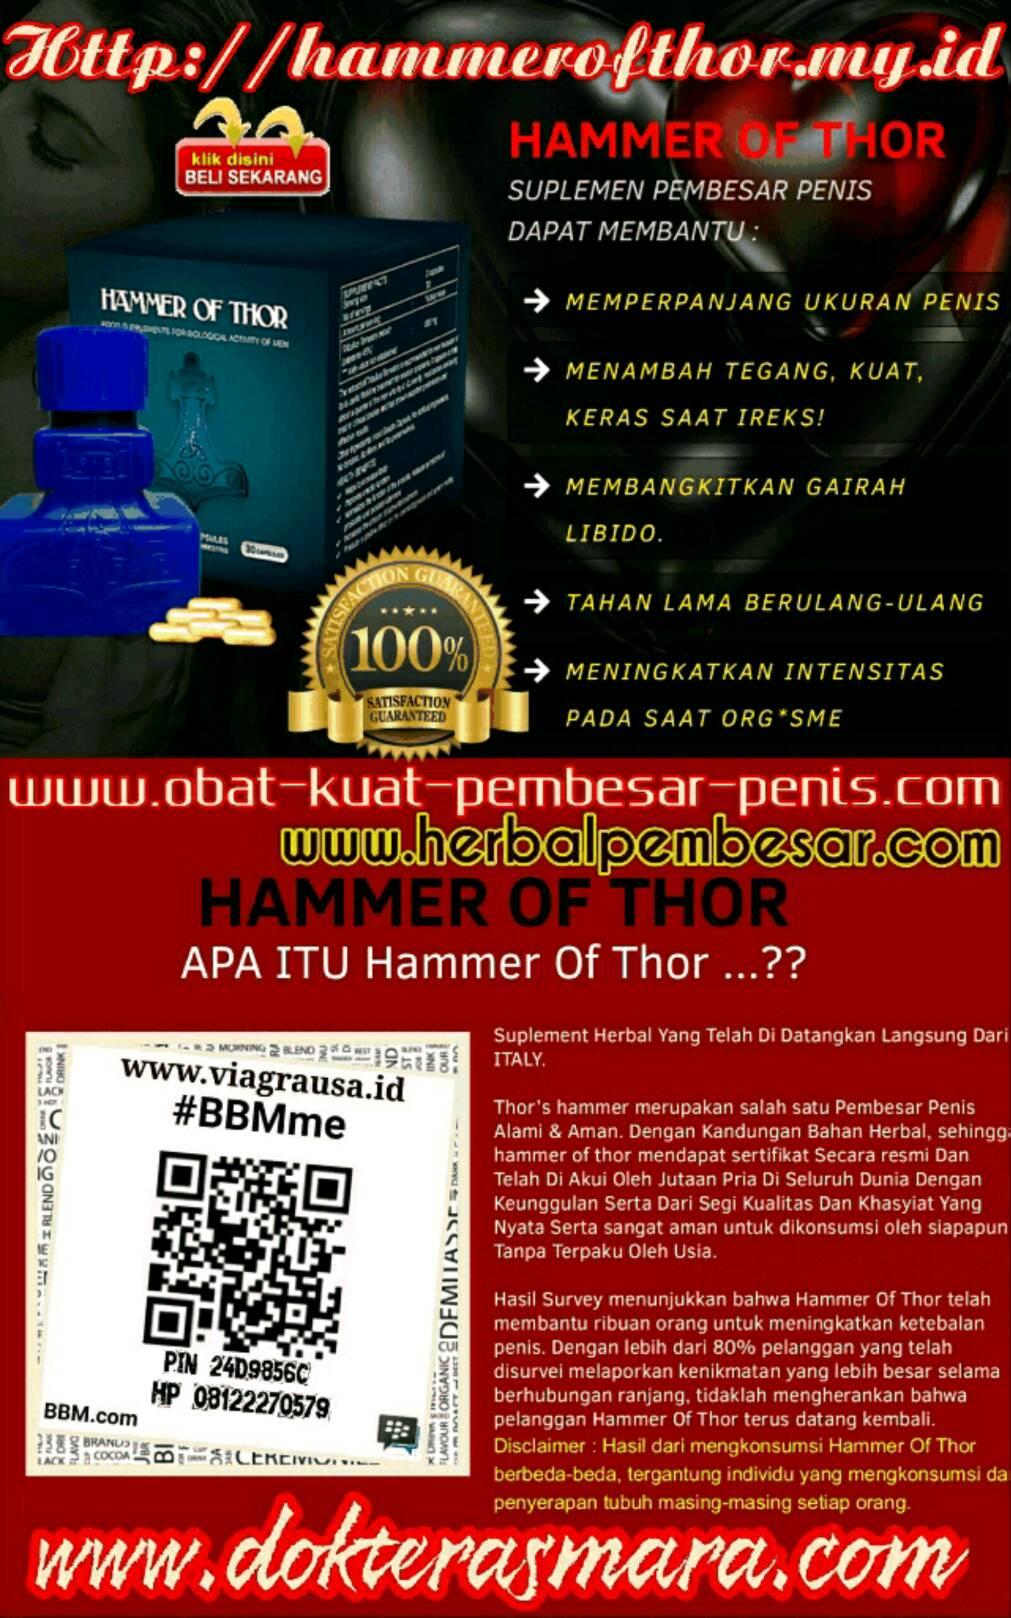 hammer of thor obat pembesar penis asli italia rekomendasi